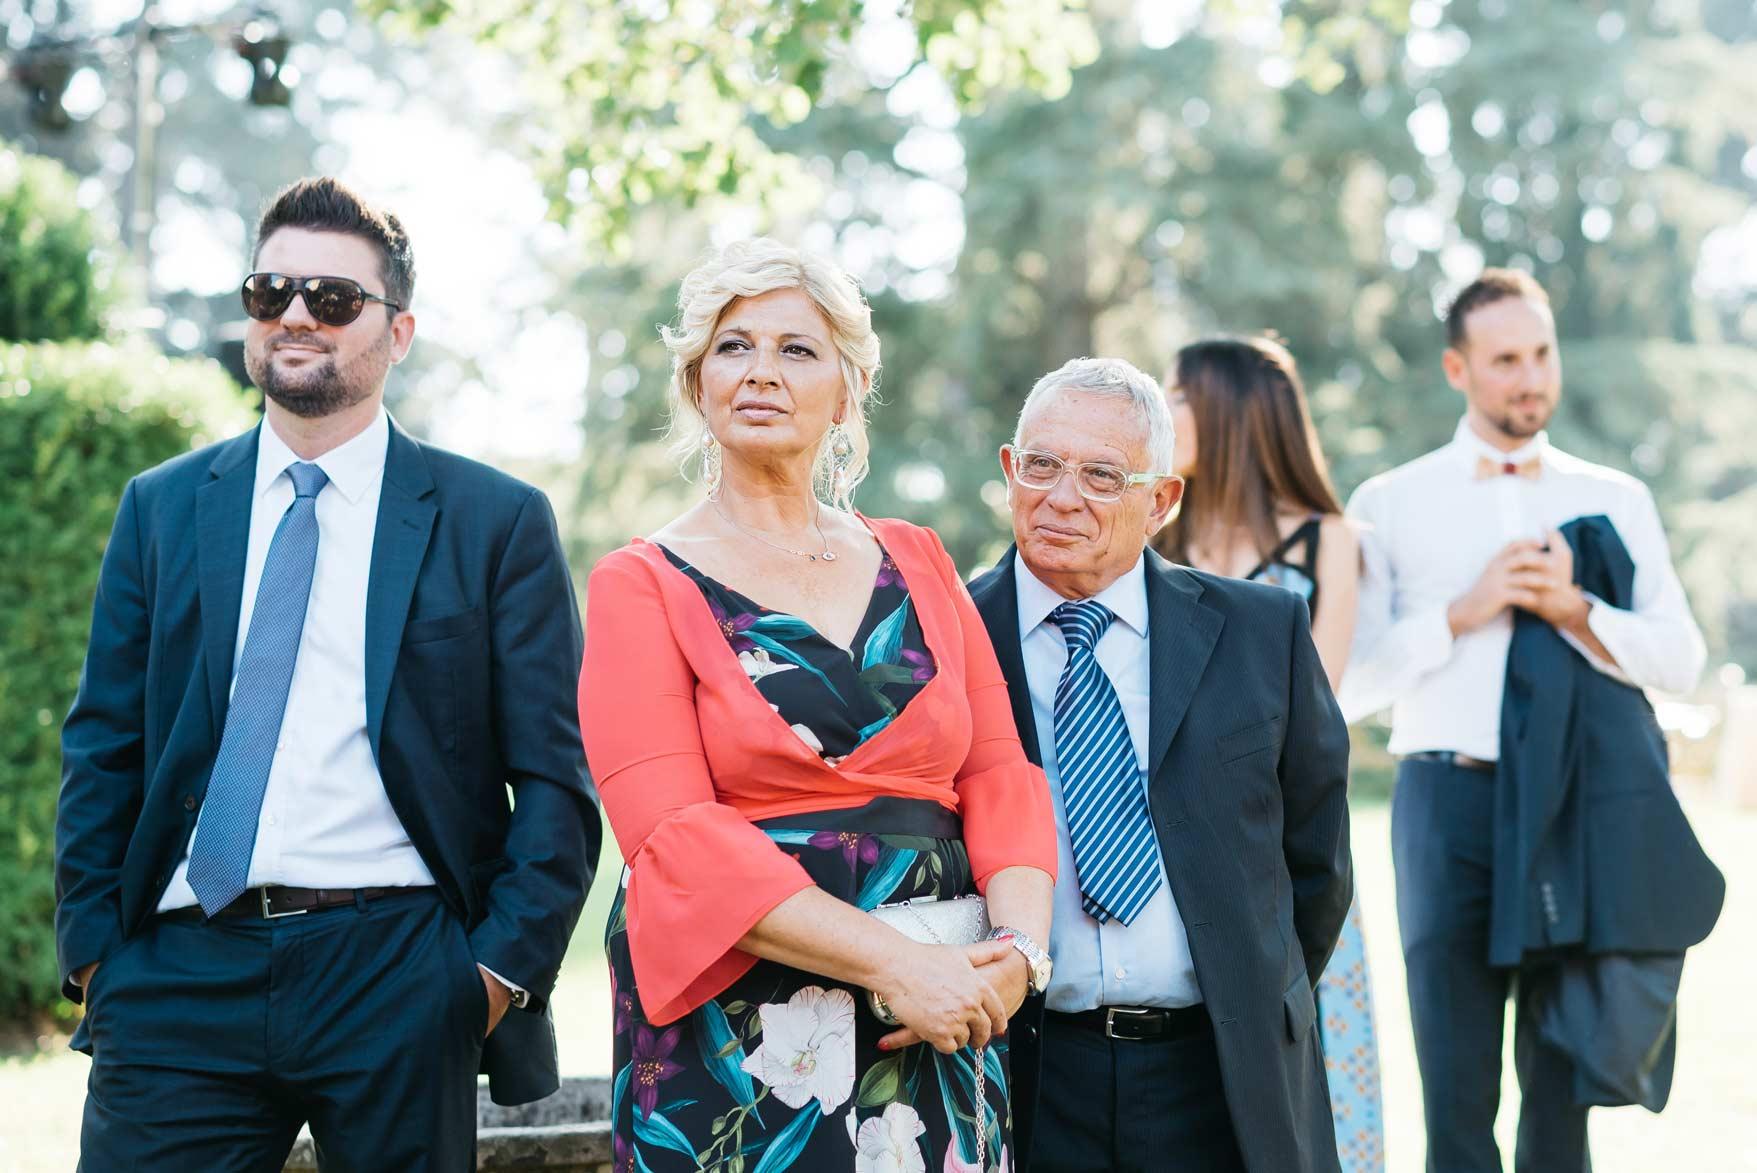 Fotoreportage-Di-Matrimonio-Fotografi-Matrimonio-Roma-Reportage-L&F